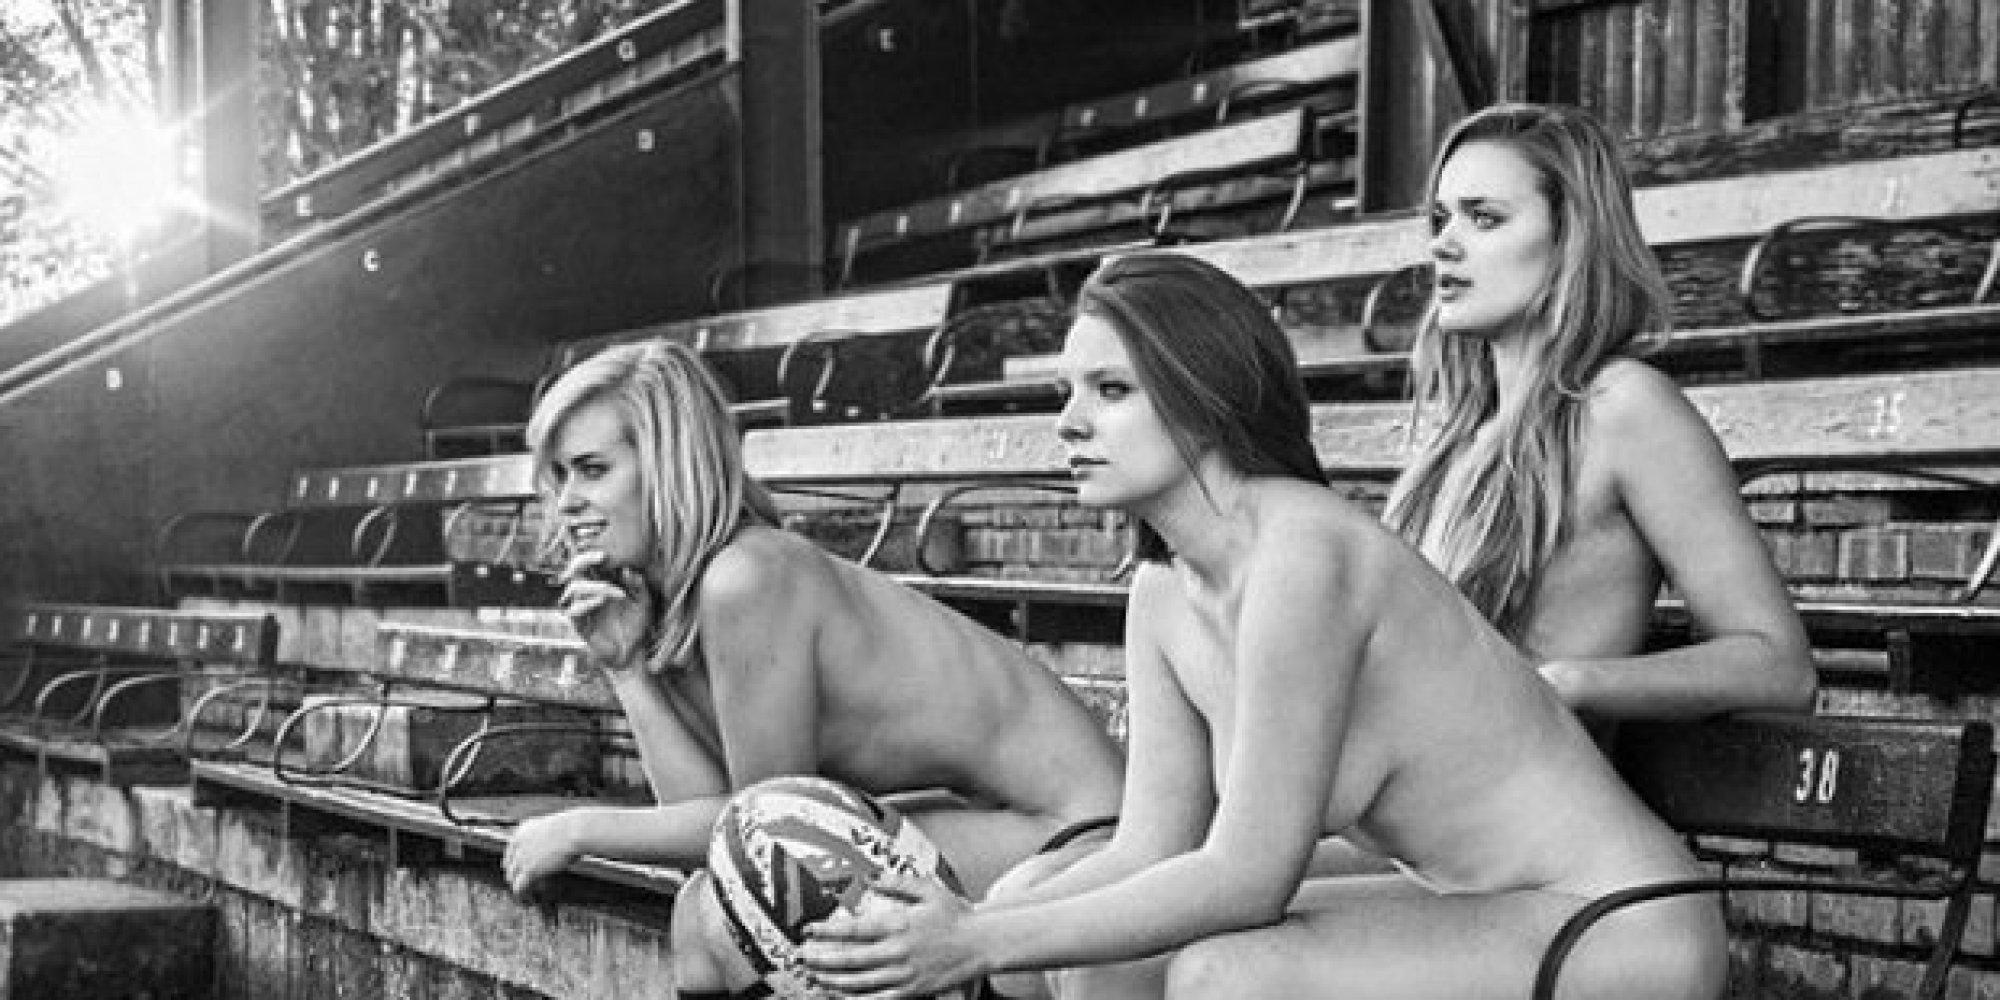 sexy nude boob job babes